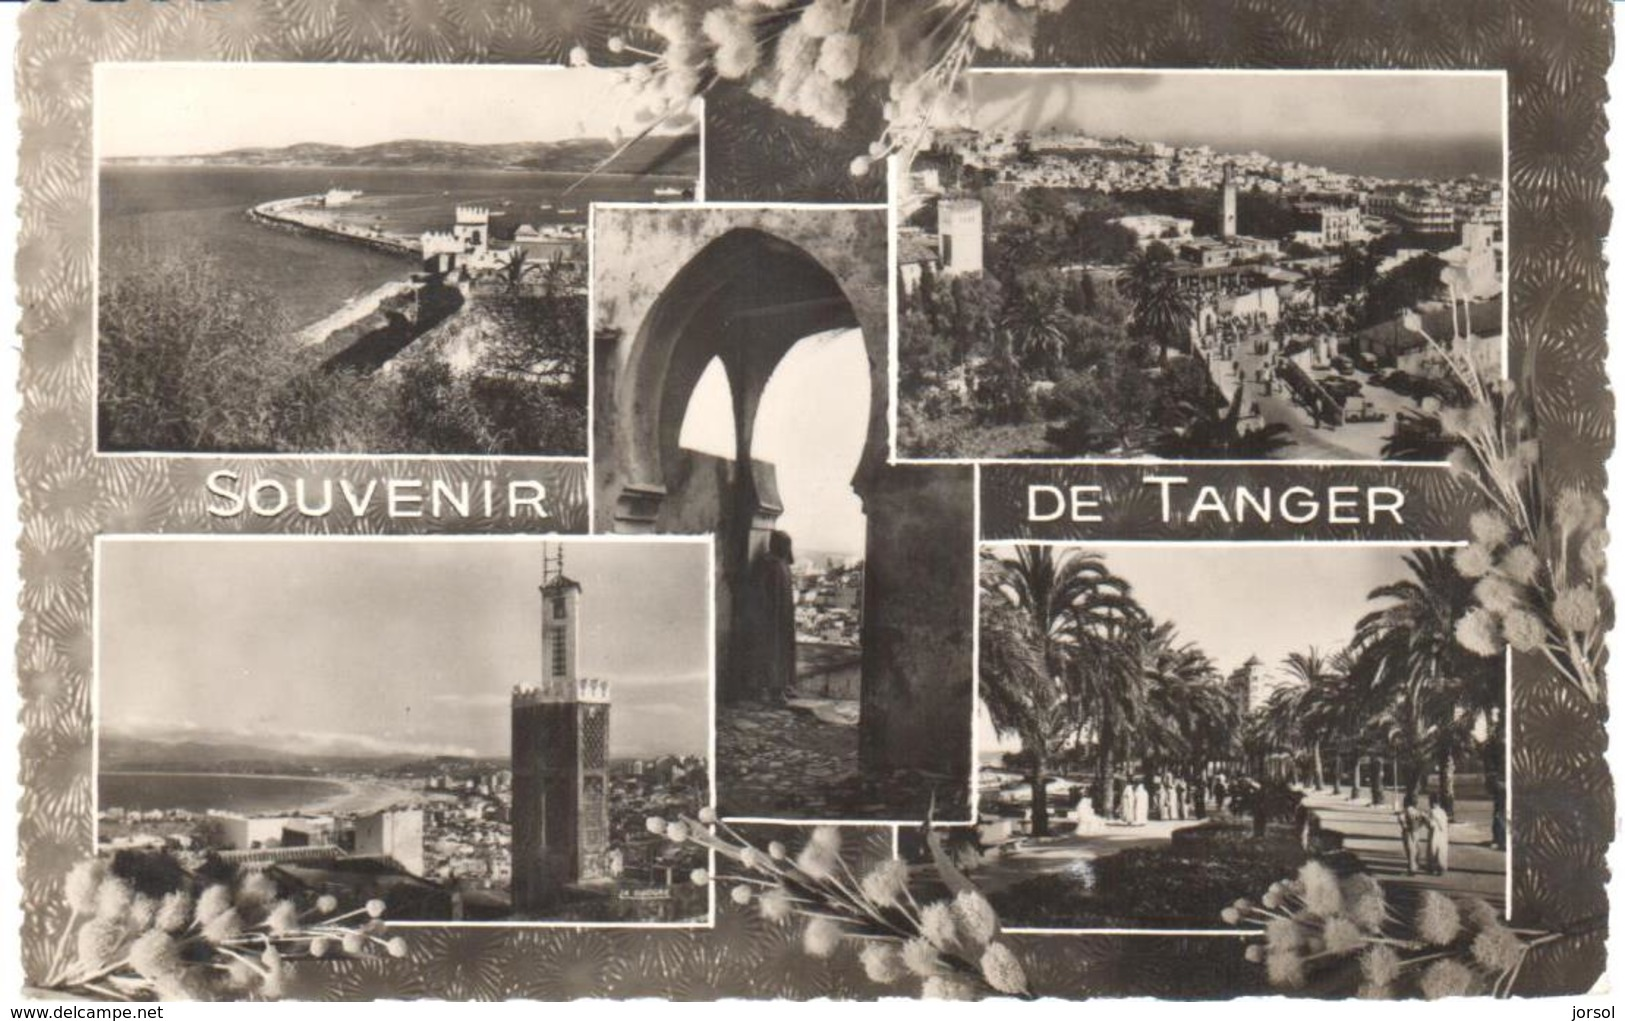 POSTAL   TANGER  -MARRUECOS  - SOUVENIR DE TANGER  (RECUERDO DE TANGER) - Tanger